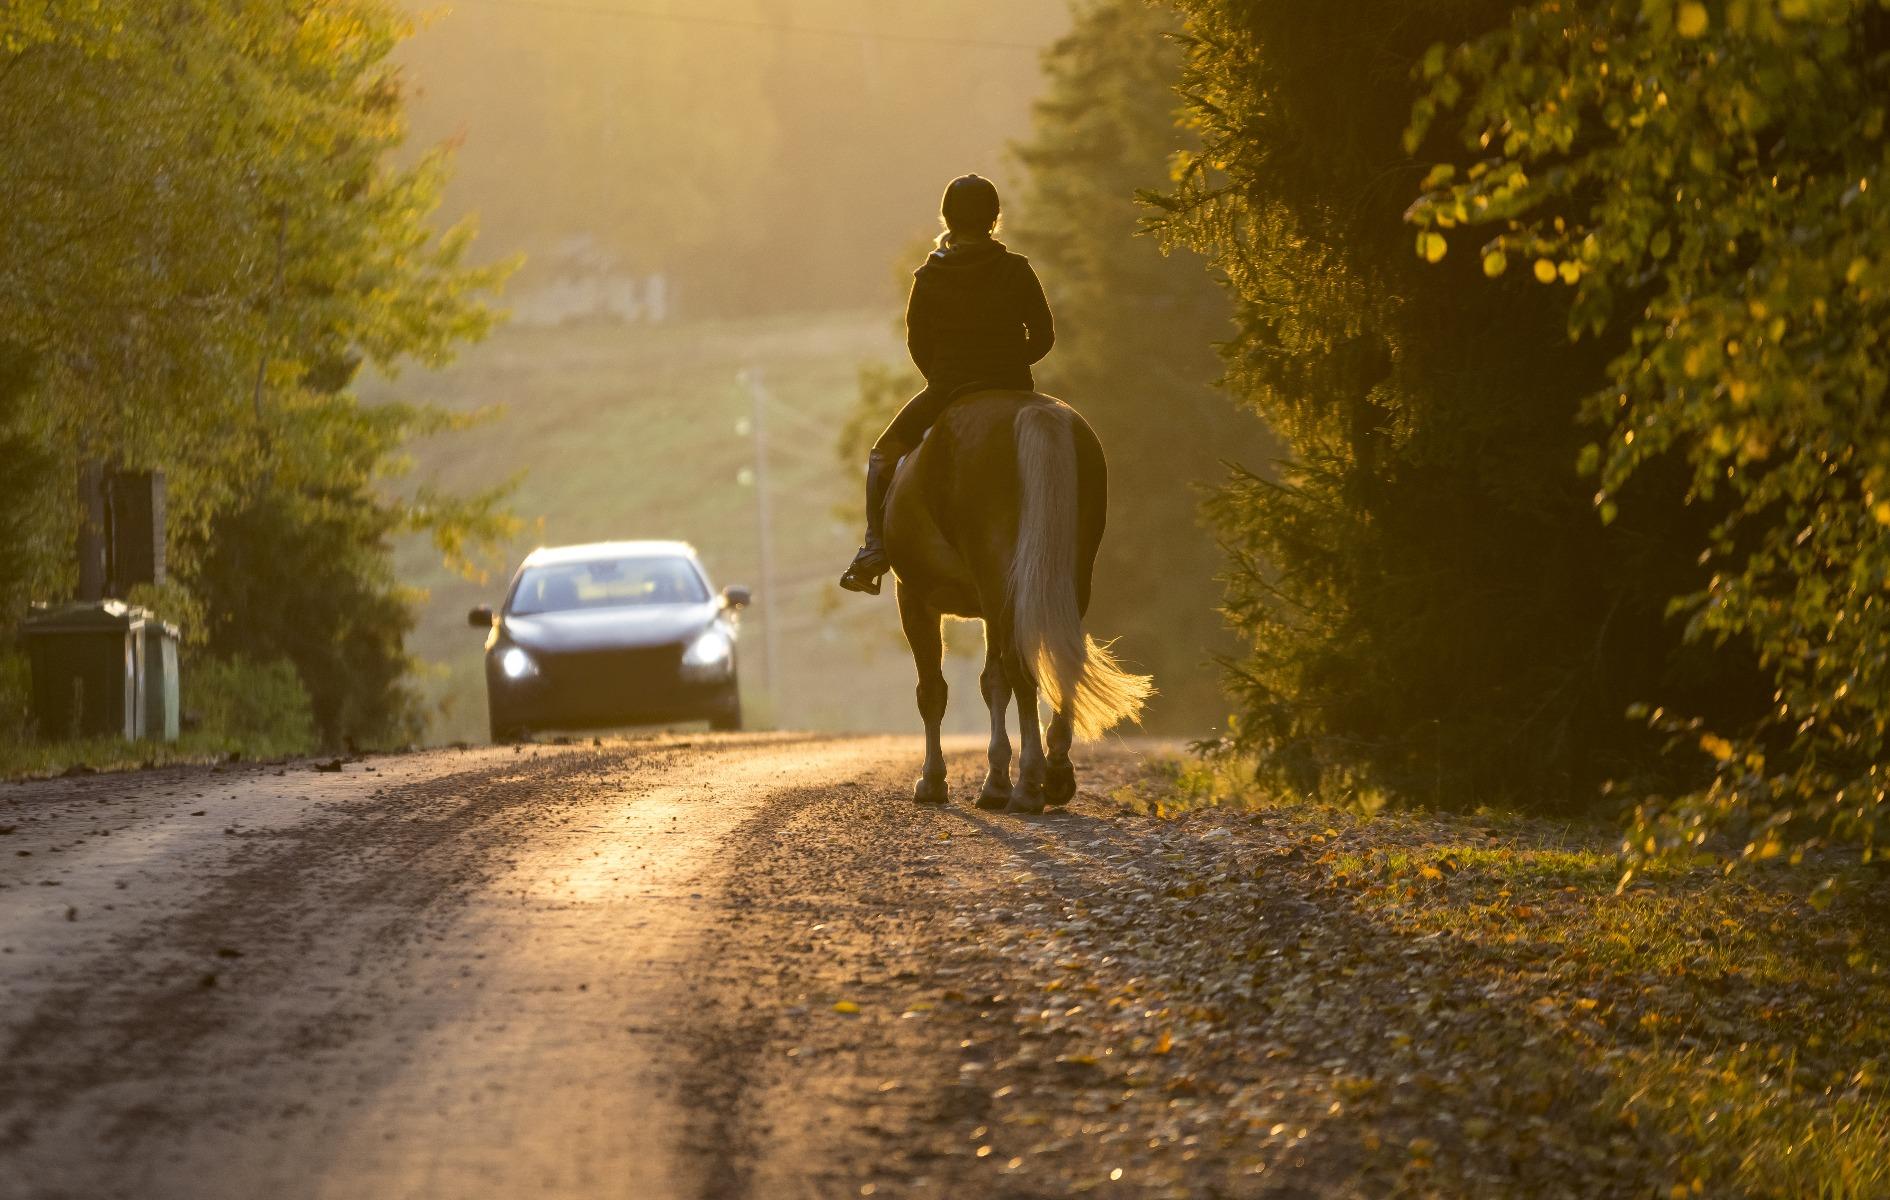 Stübben, Pferd, Reiter, Sattel, Auto, Autofahrer